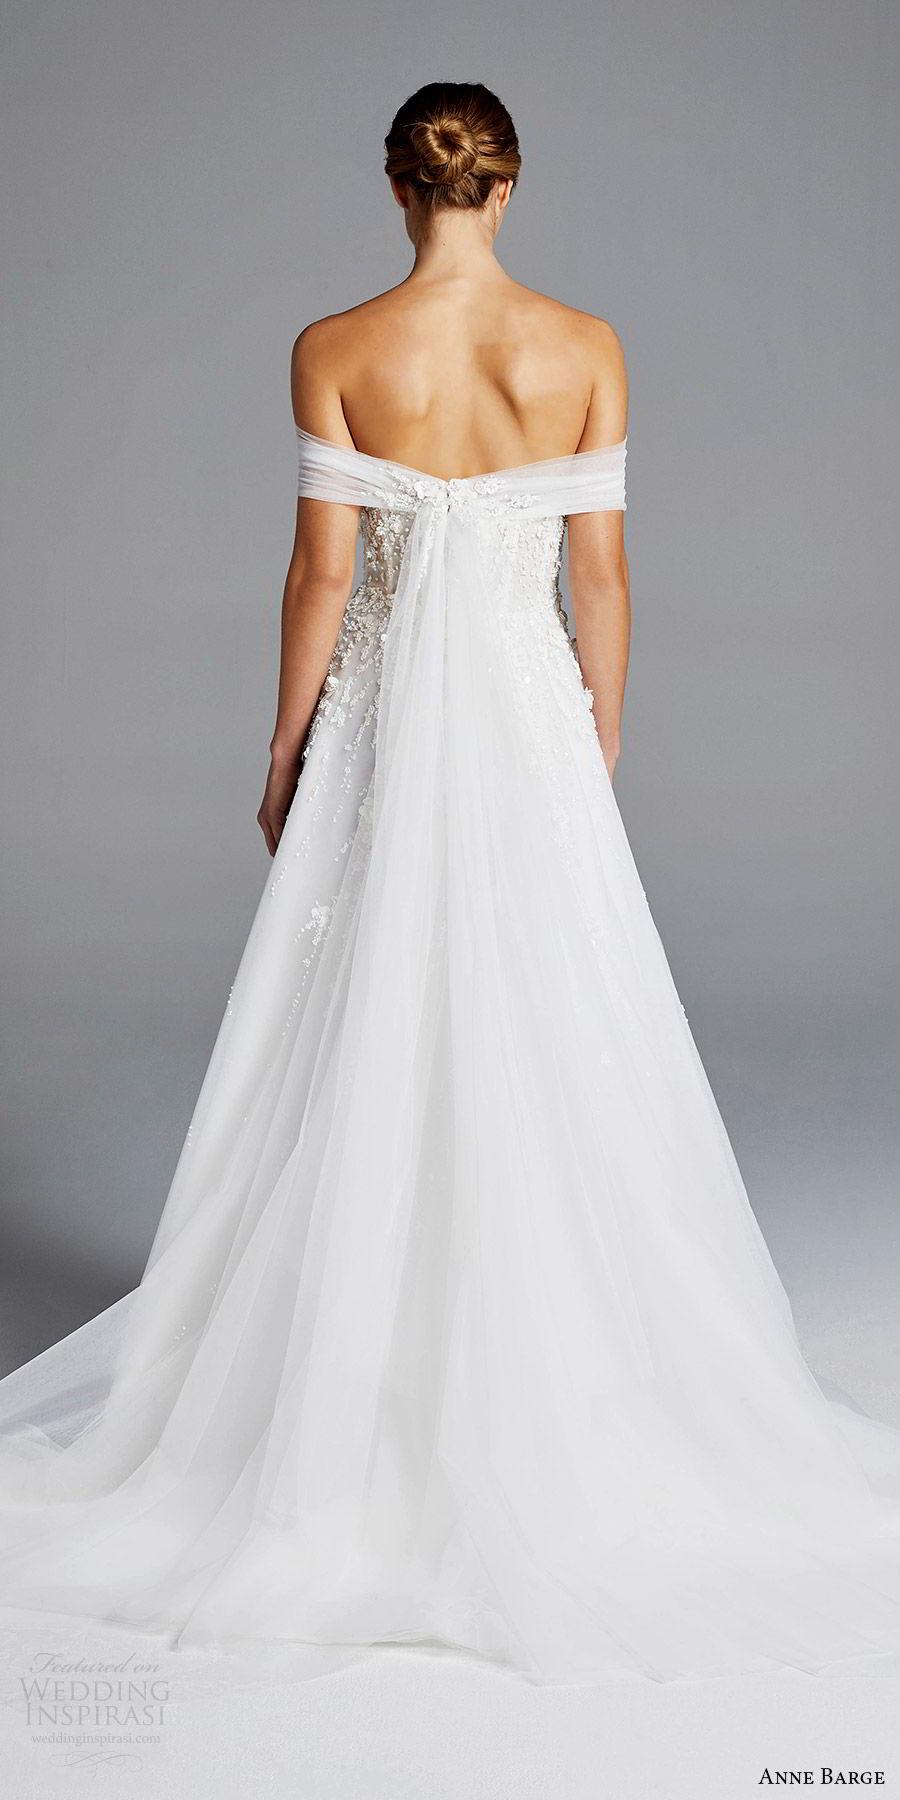 anne barge bridal spring 2019 off shoulder ruched straight cross beaded bodice a line wedding dress (karlie) bv elegant romantic